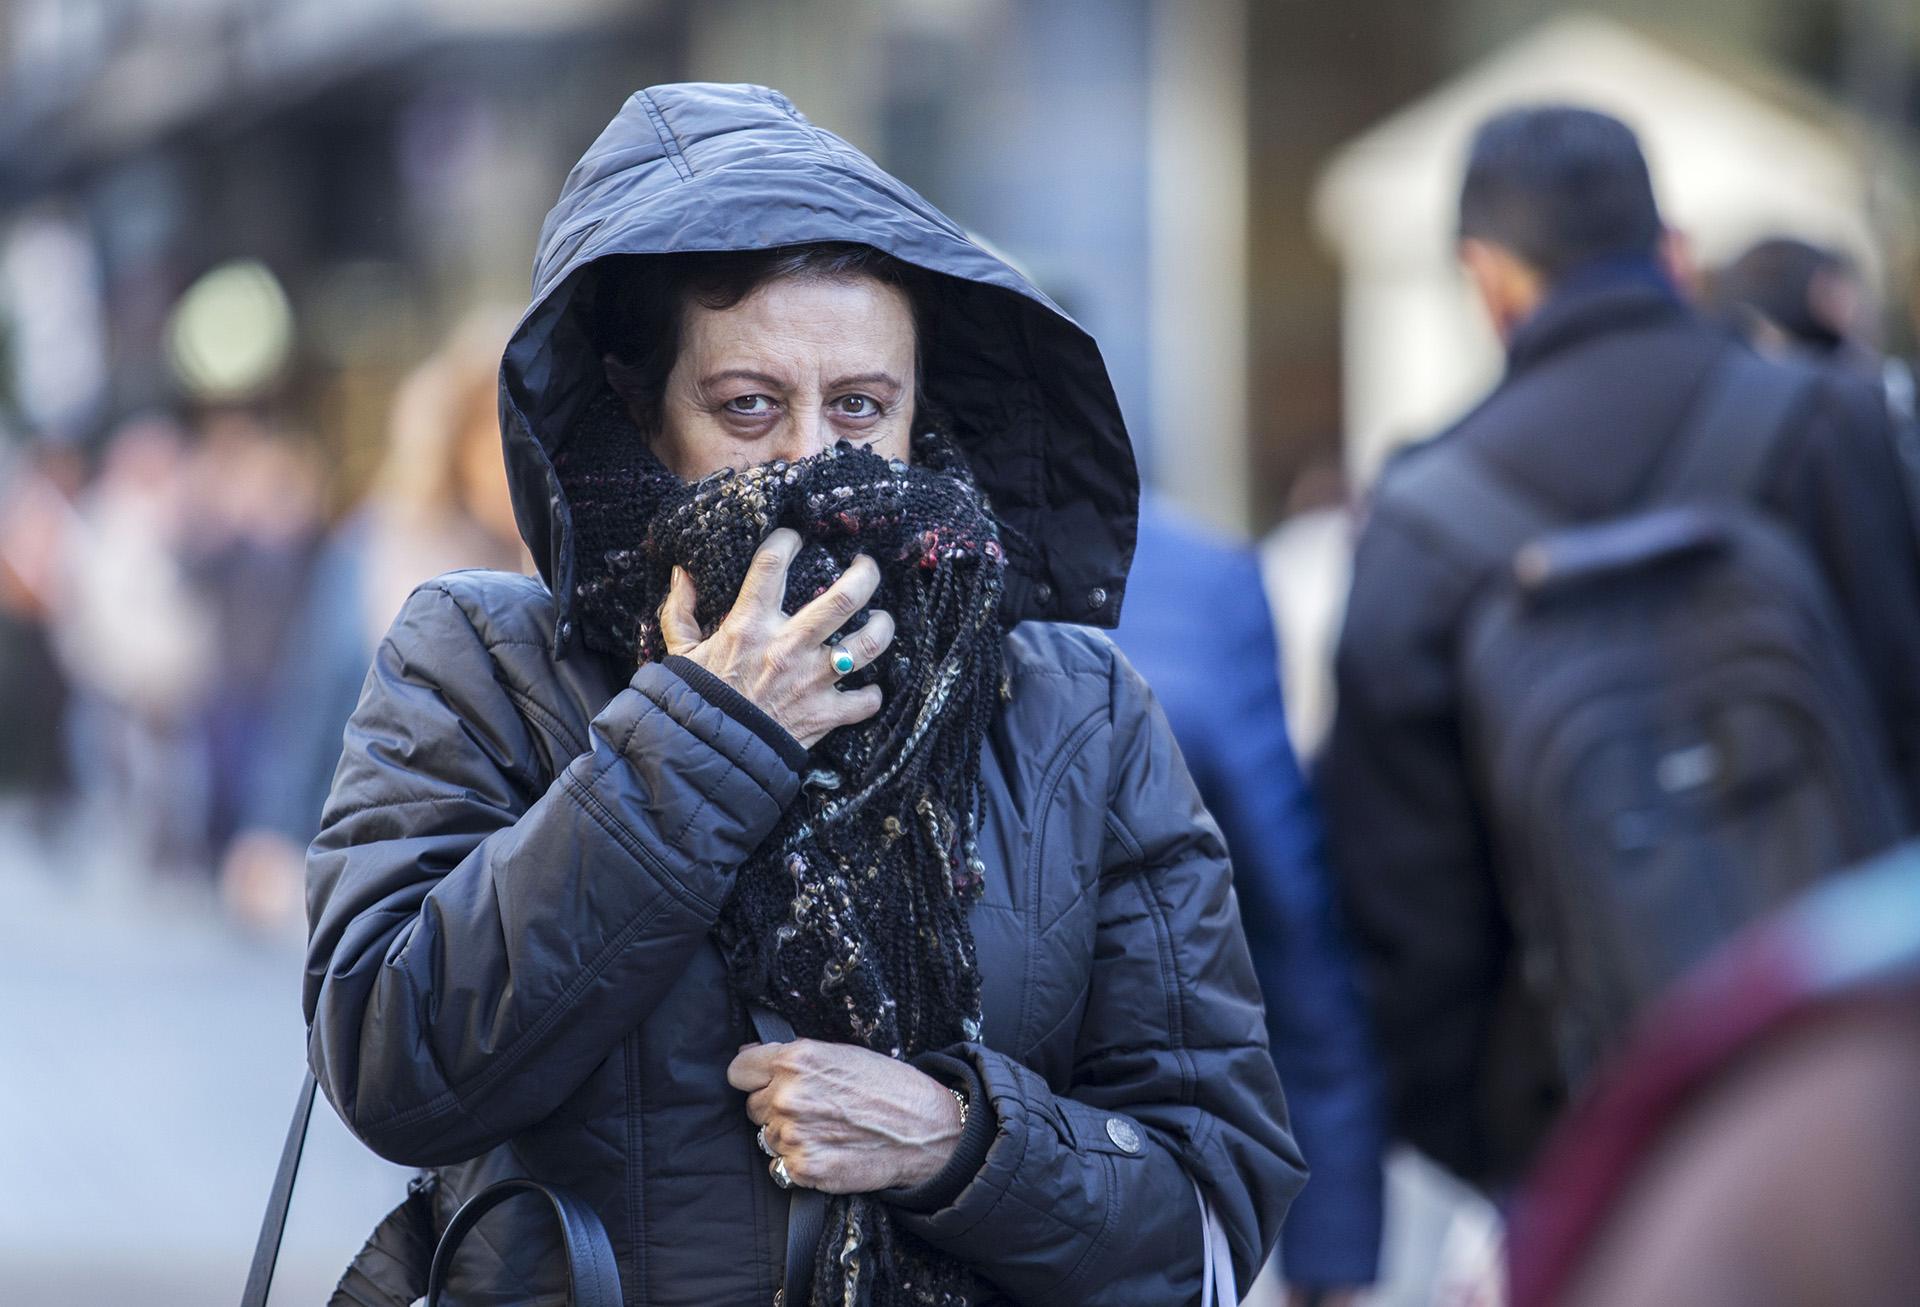 La ola polar que avanzó este fin de semana sobre todo el país, continuó este lunes con temperaturas bajo cero en distintas partes del país y alrededor de dos grados en la ciudad de Buenos Aires